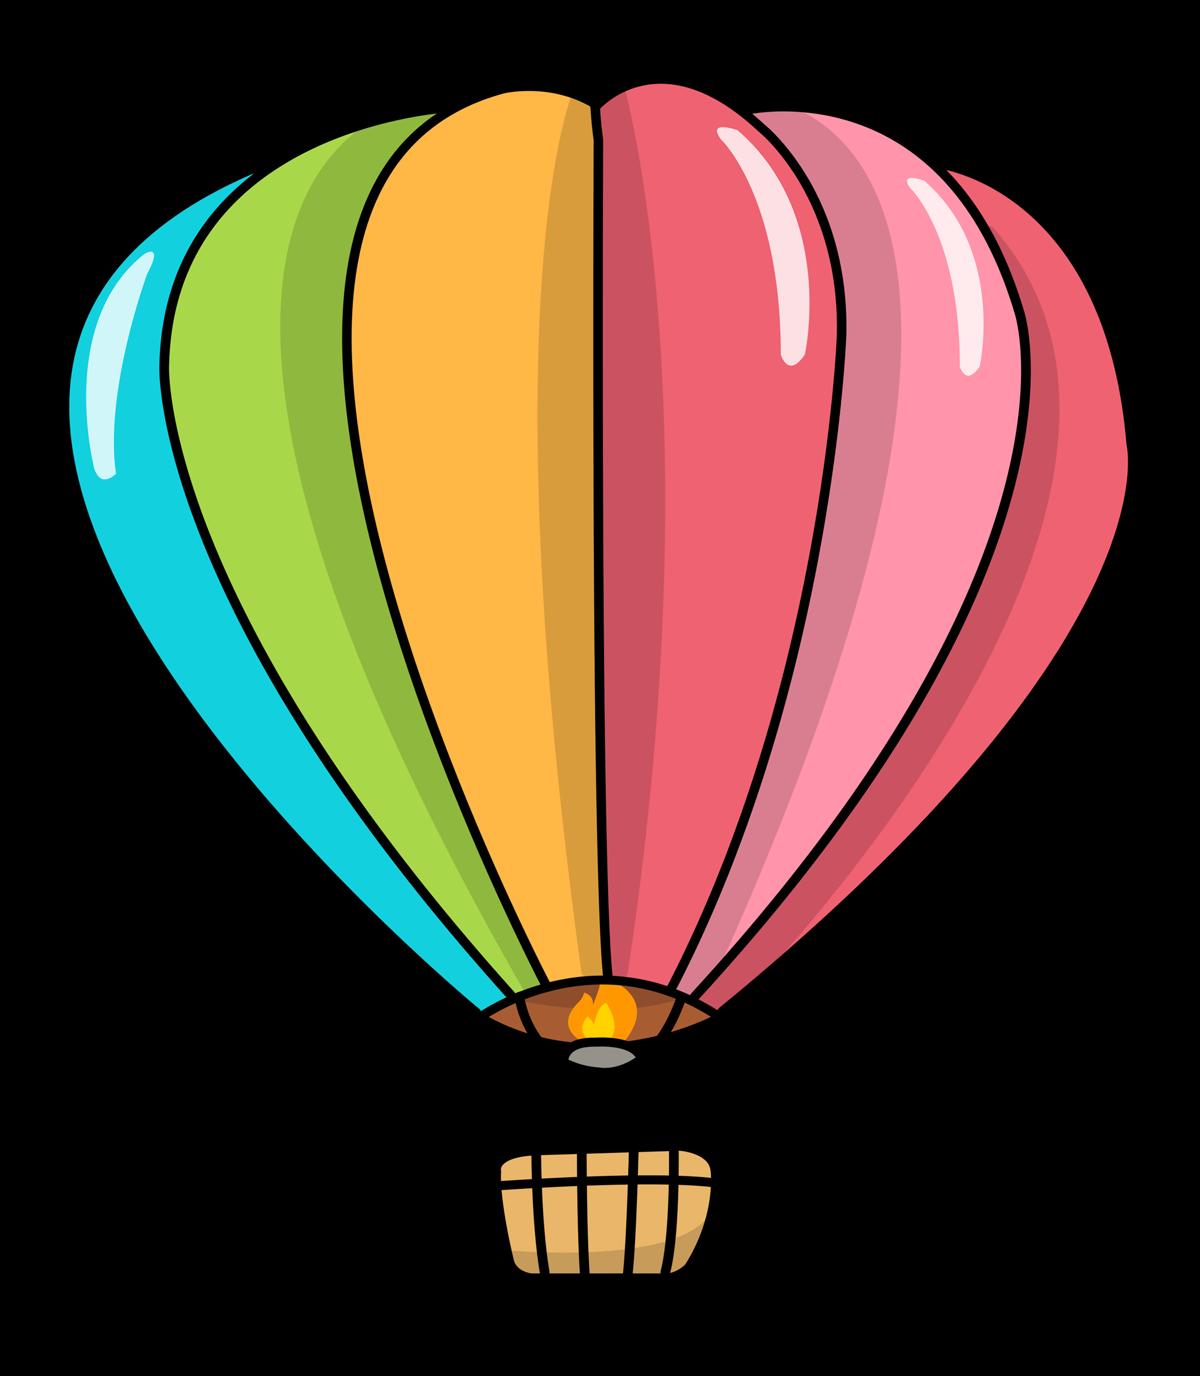 Free Cartoon Hot Air Balloon Clip Art-Free Cartoon Hot Air Balloon Clip Art-4